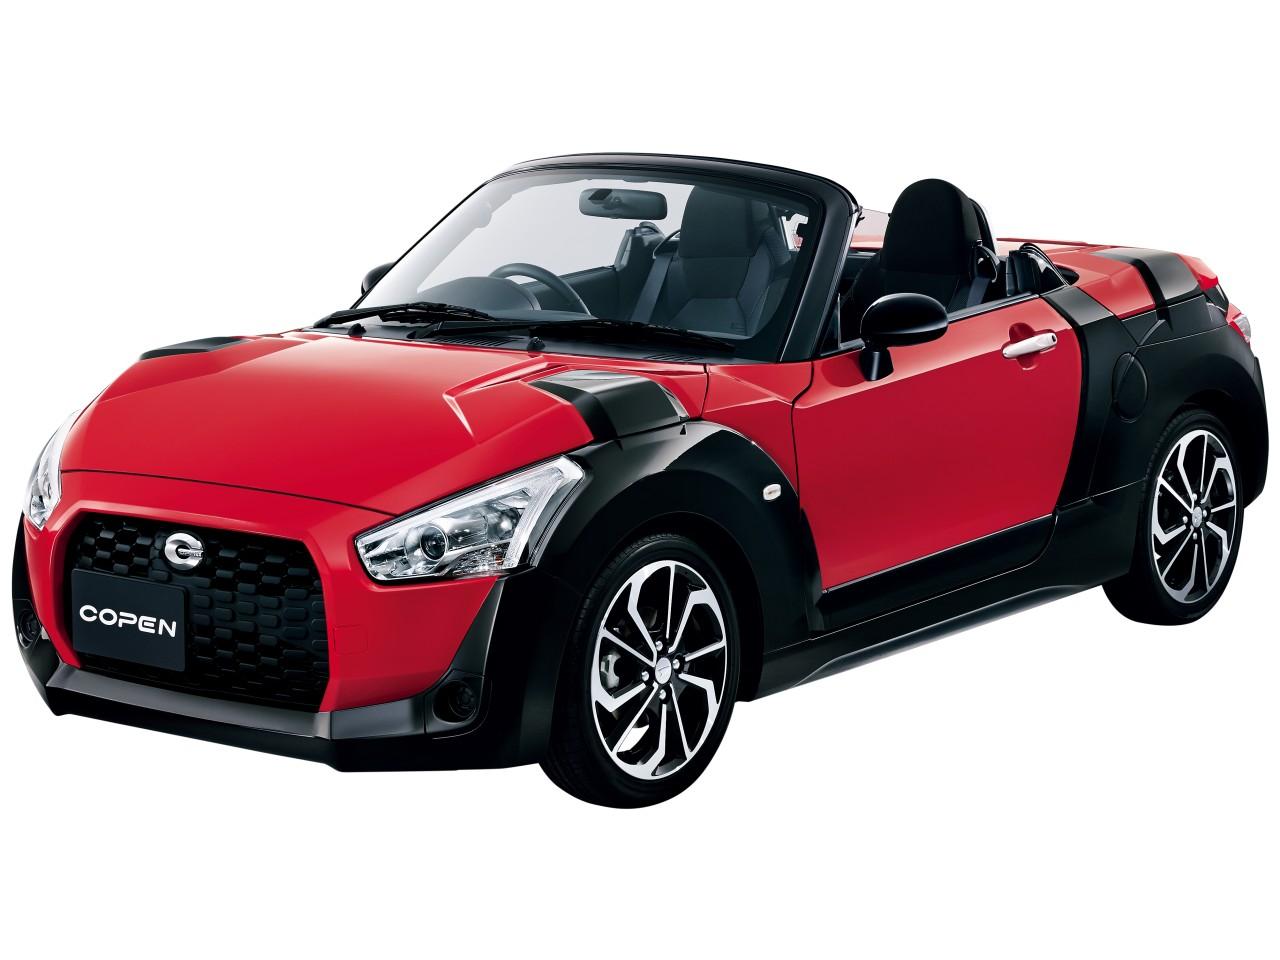 ダイハツ コペン エクスプレイ 2014年モデル 新車画像